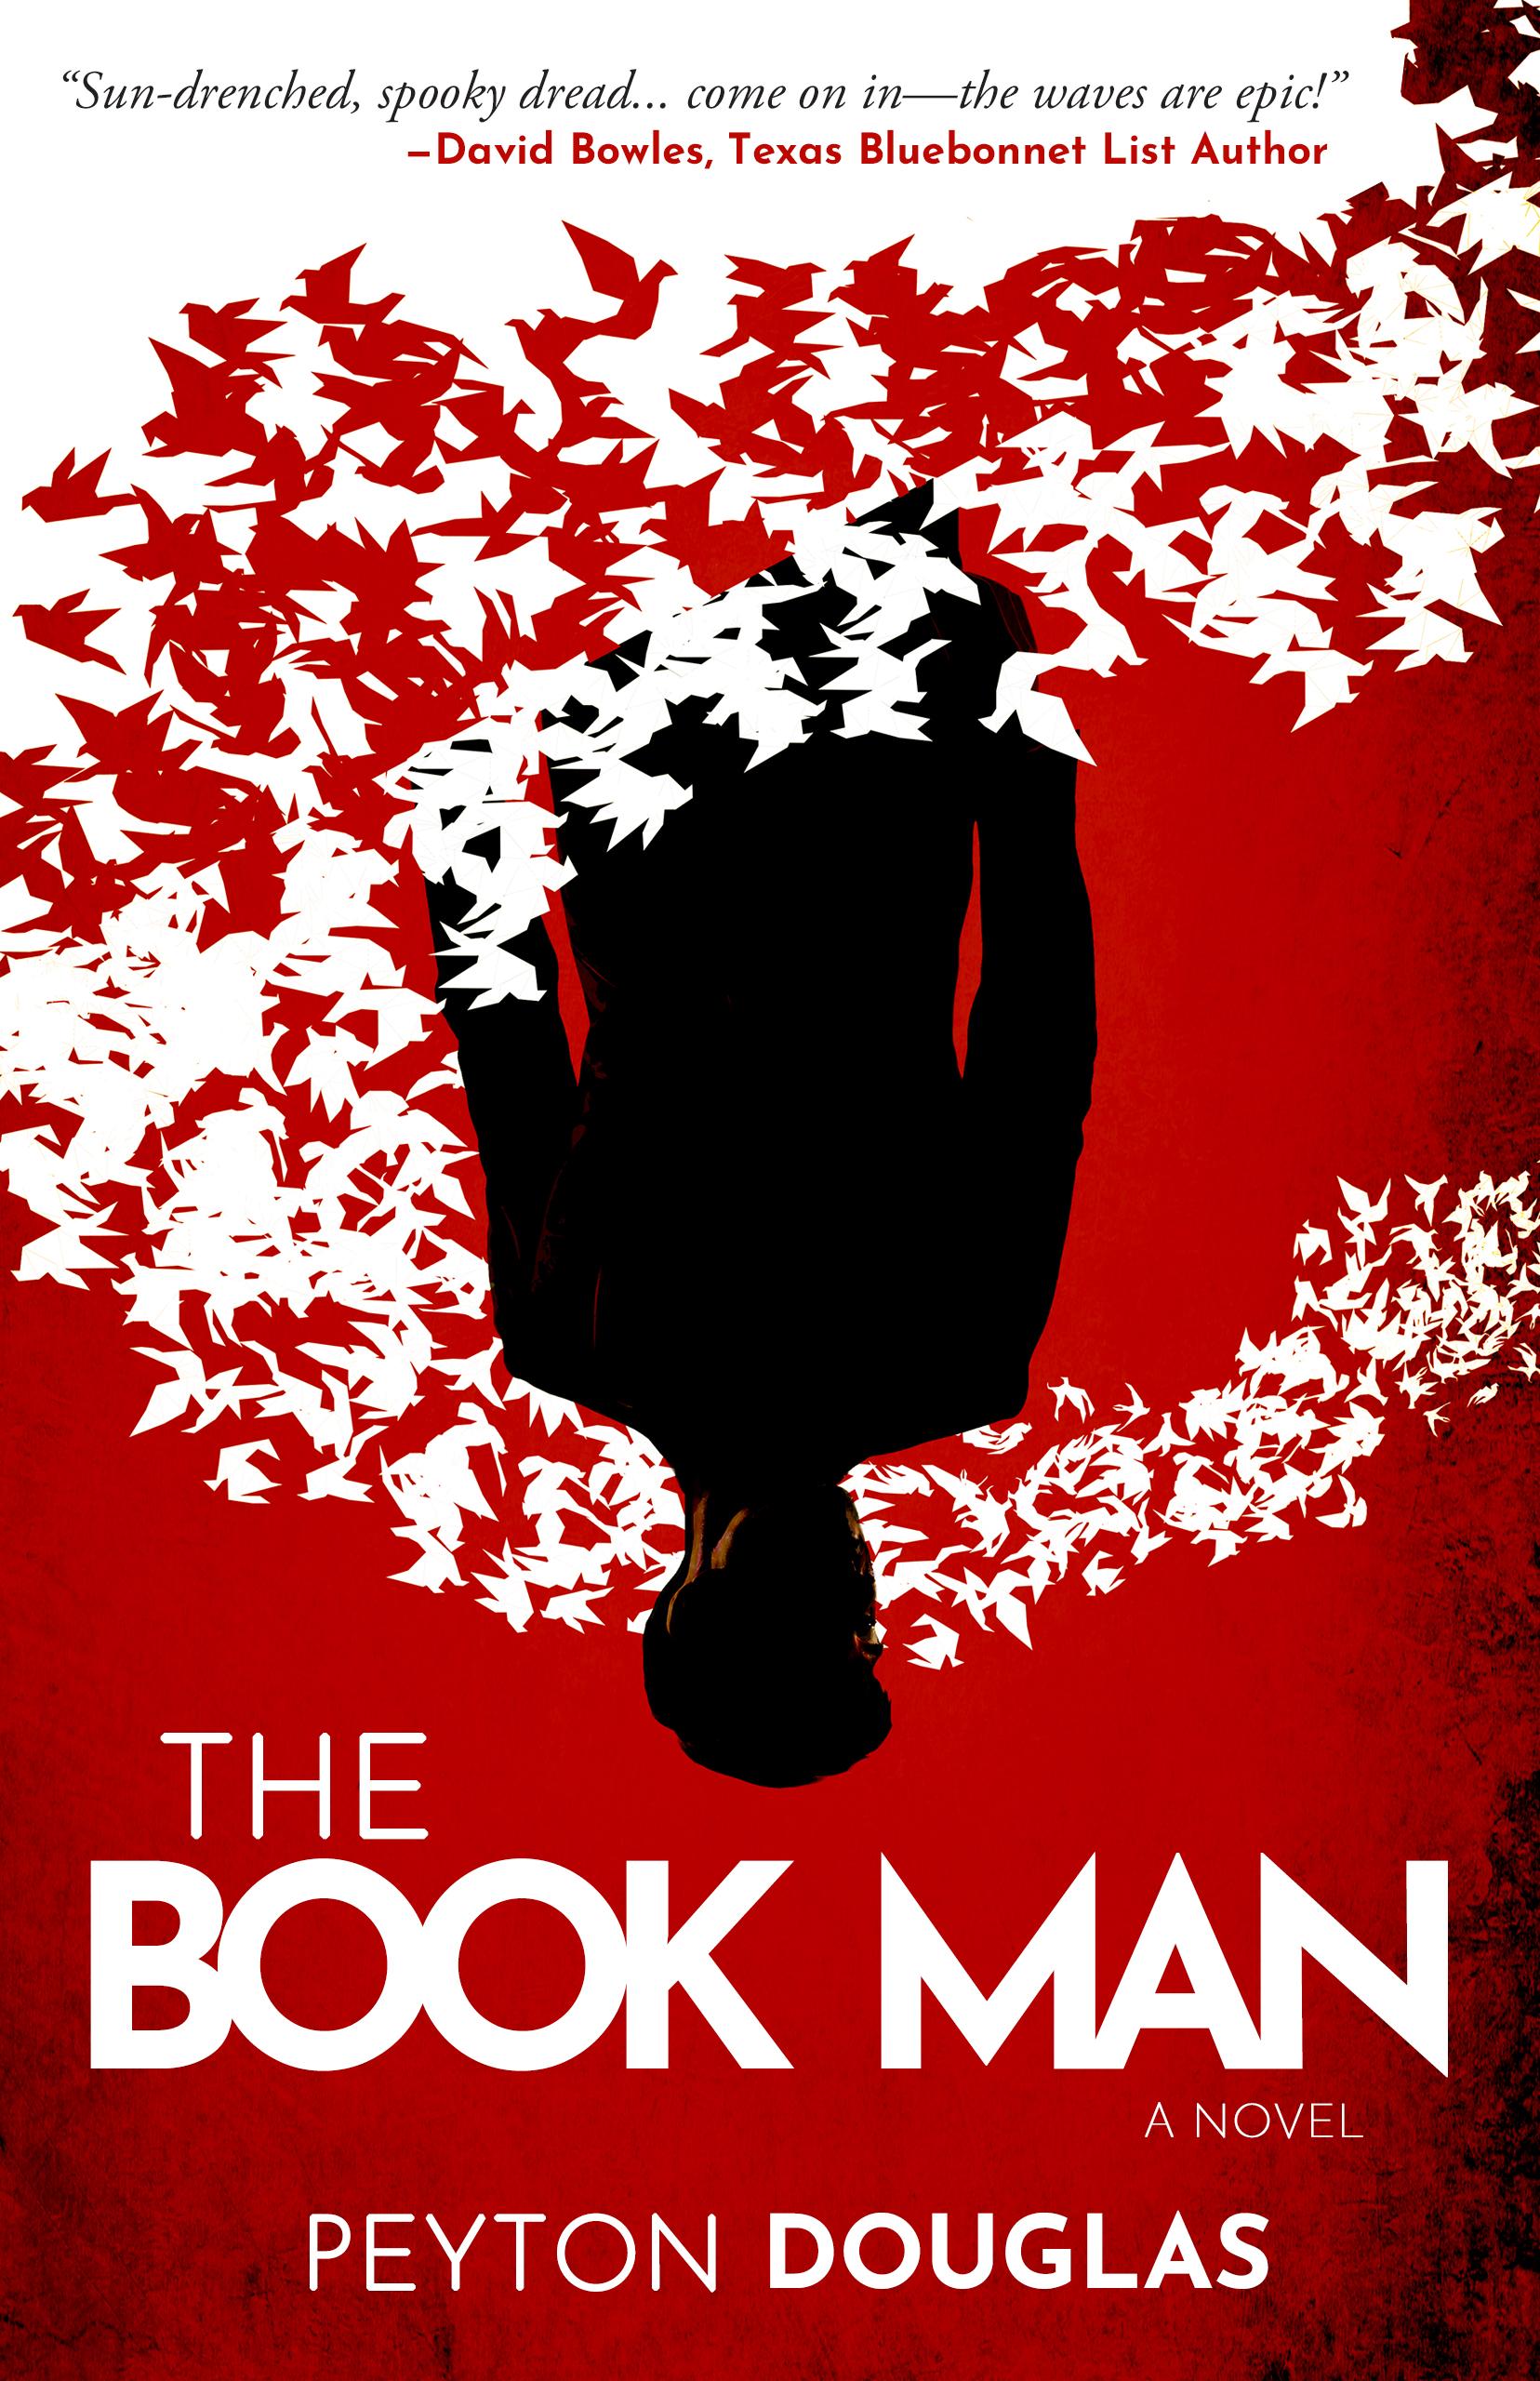 The Book Man - Peyton Douglas